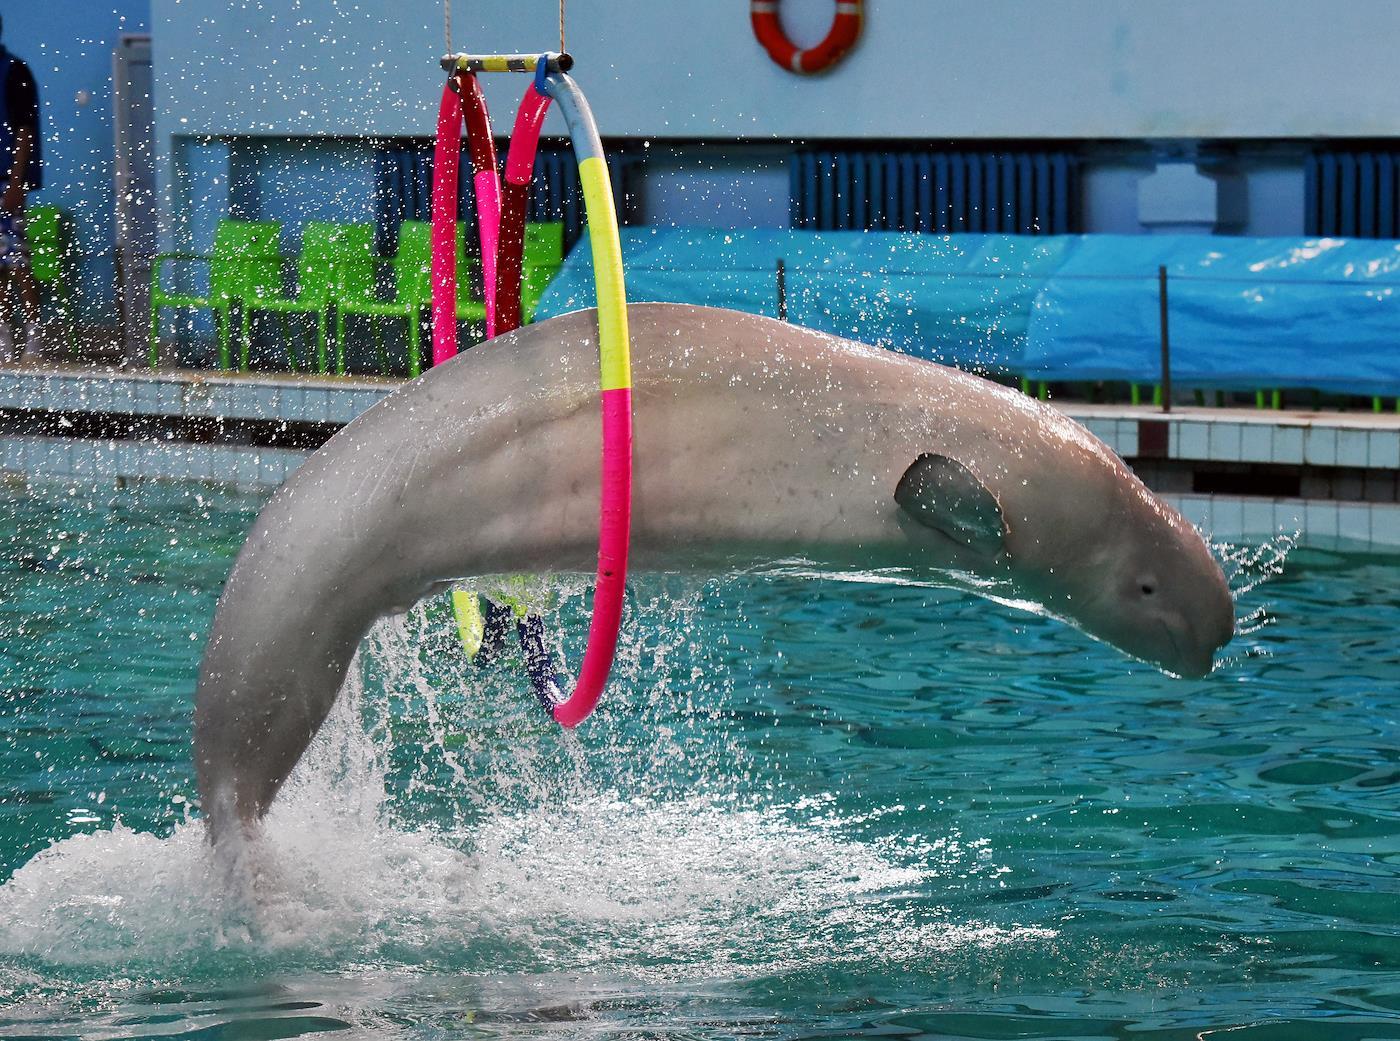 Дельфины тут больше не живут. Собственник здания и земли на Крестовском ищет нового хозяина